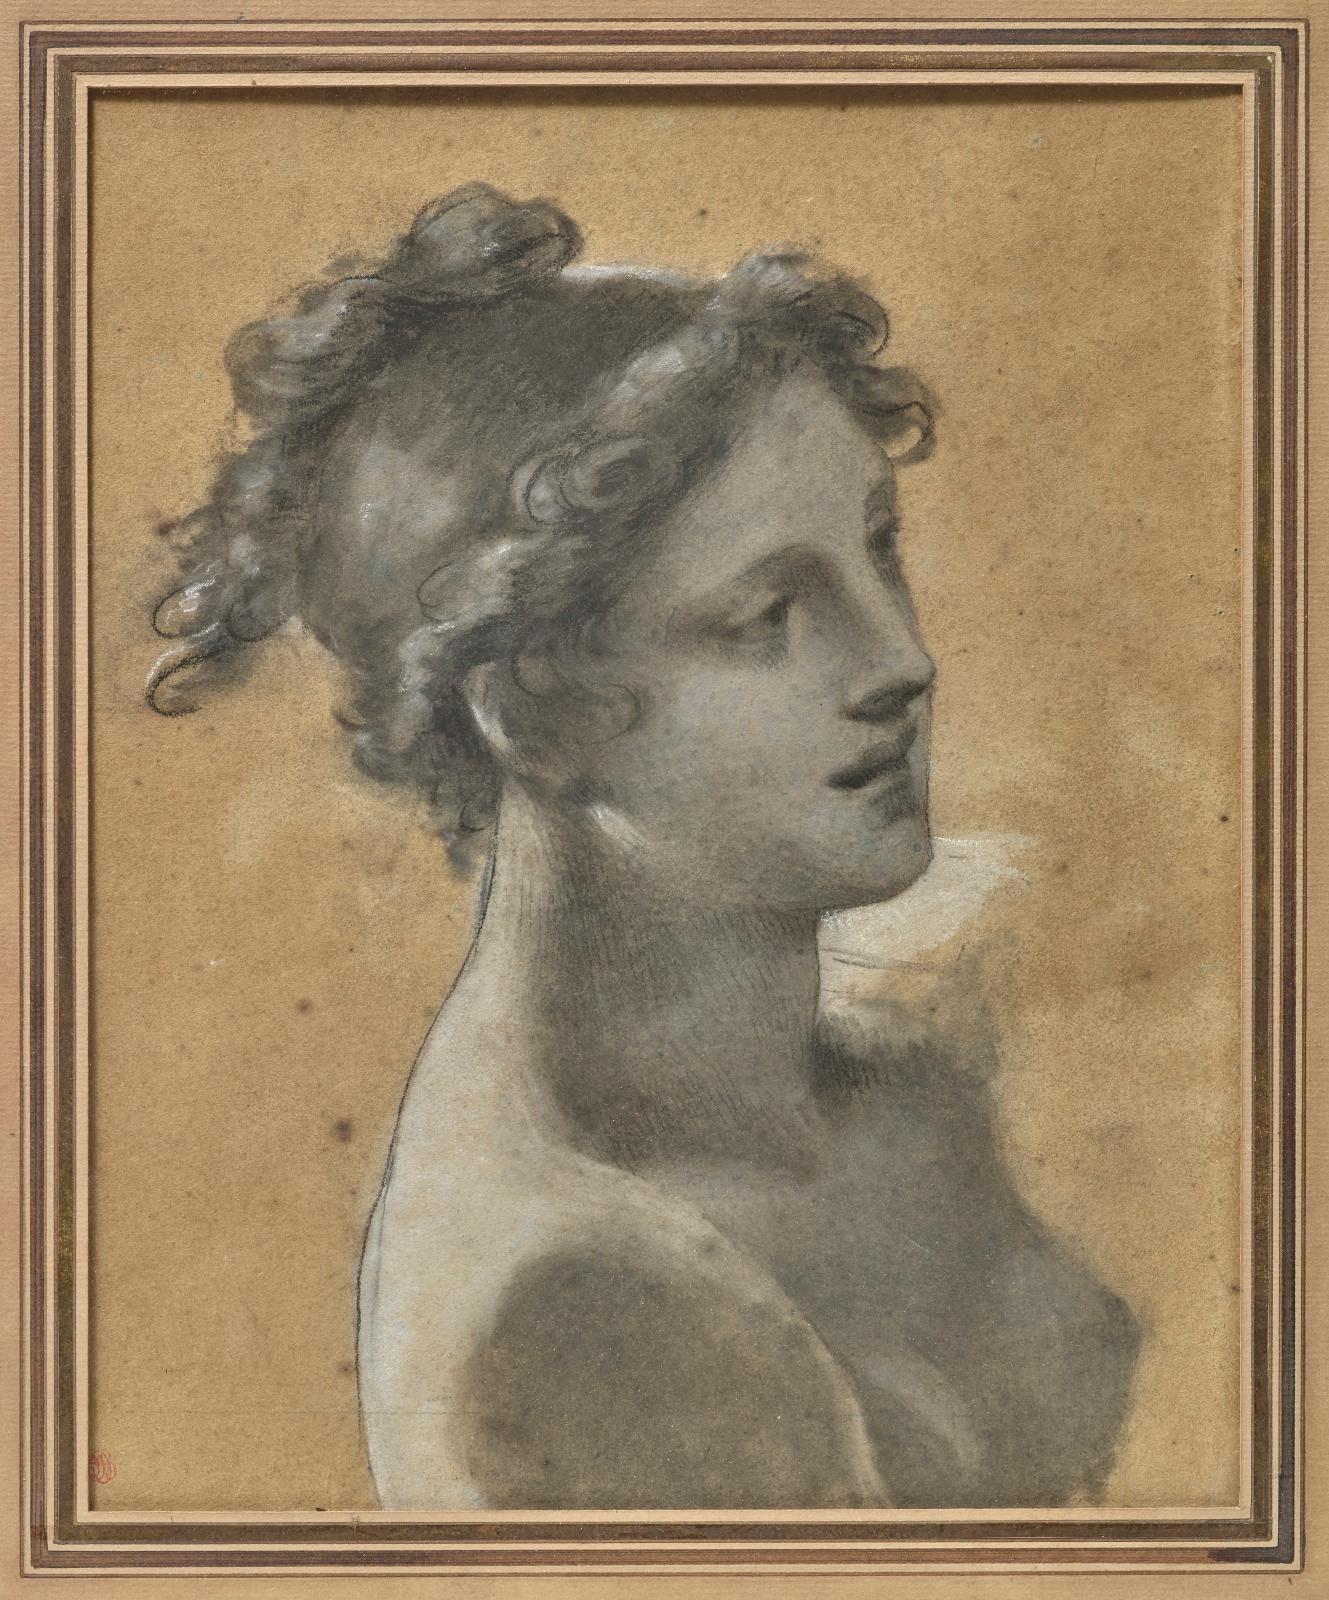 Pierre-Paul Prud'hon (1758-1823), Étude pour la jeune femme en avant de la barque du tableau «Le Rêve du bonheur», pierre noire, estompes